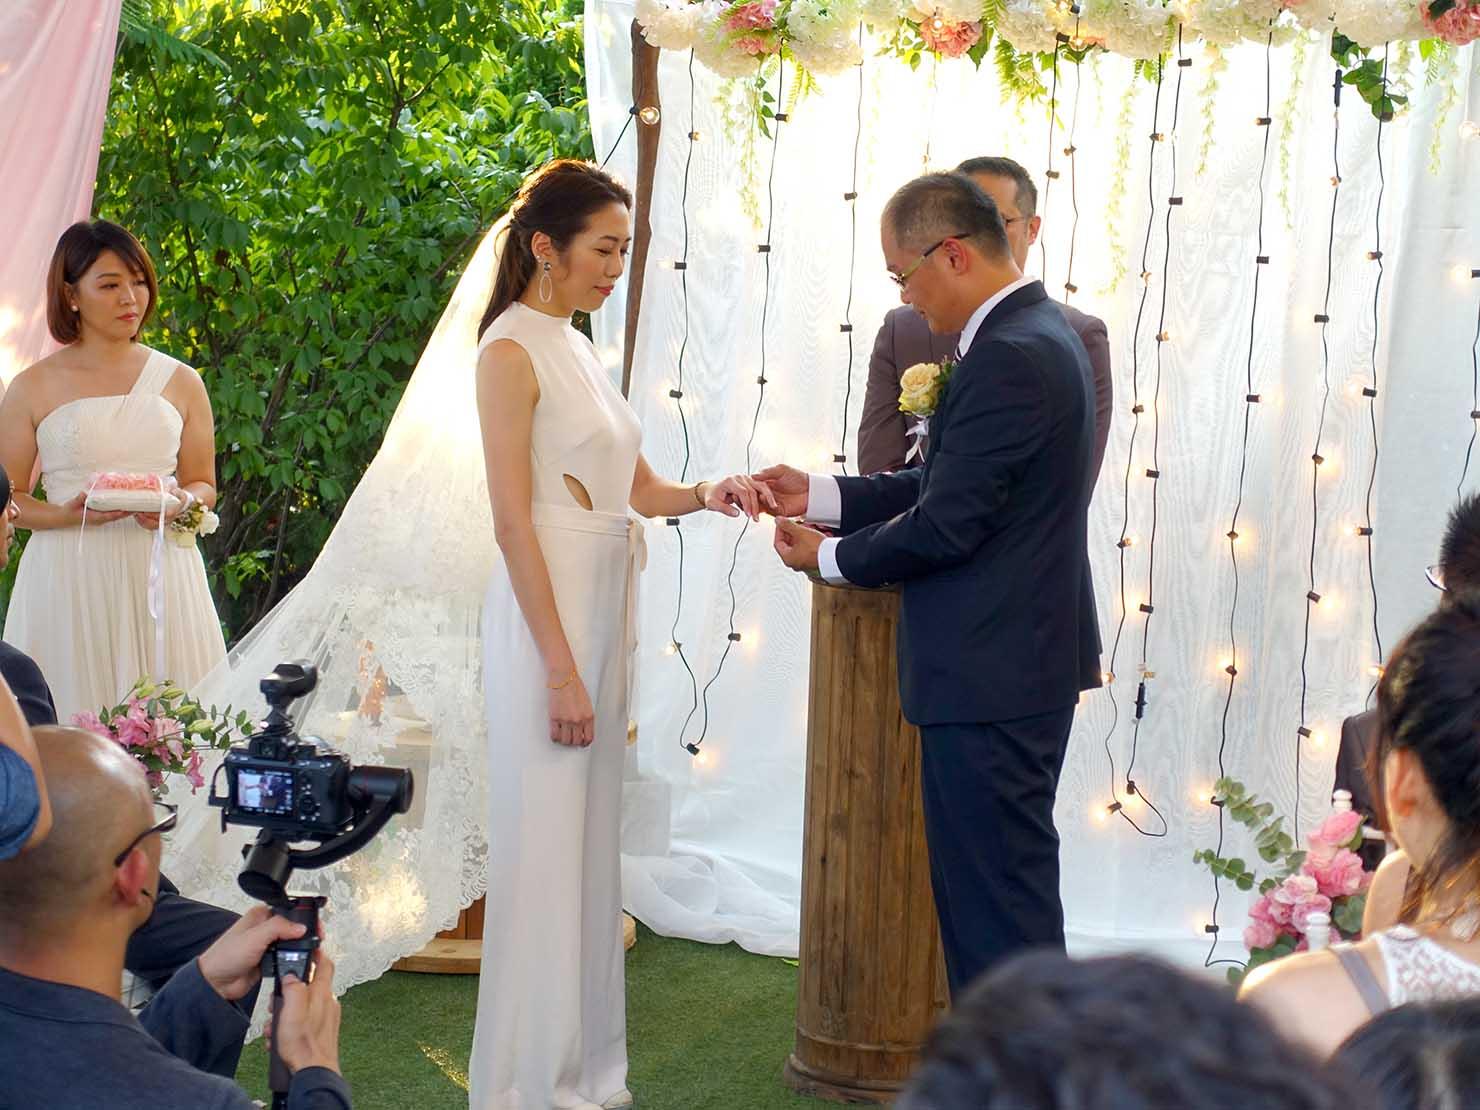 台湾の結婚式で指輪を交換する新郎新婦